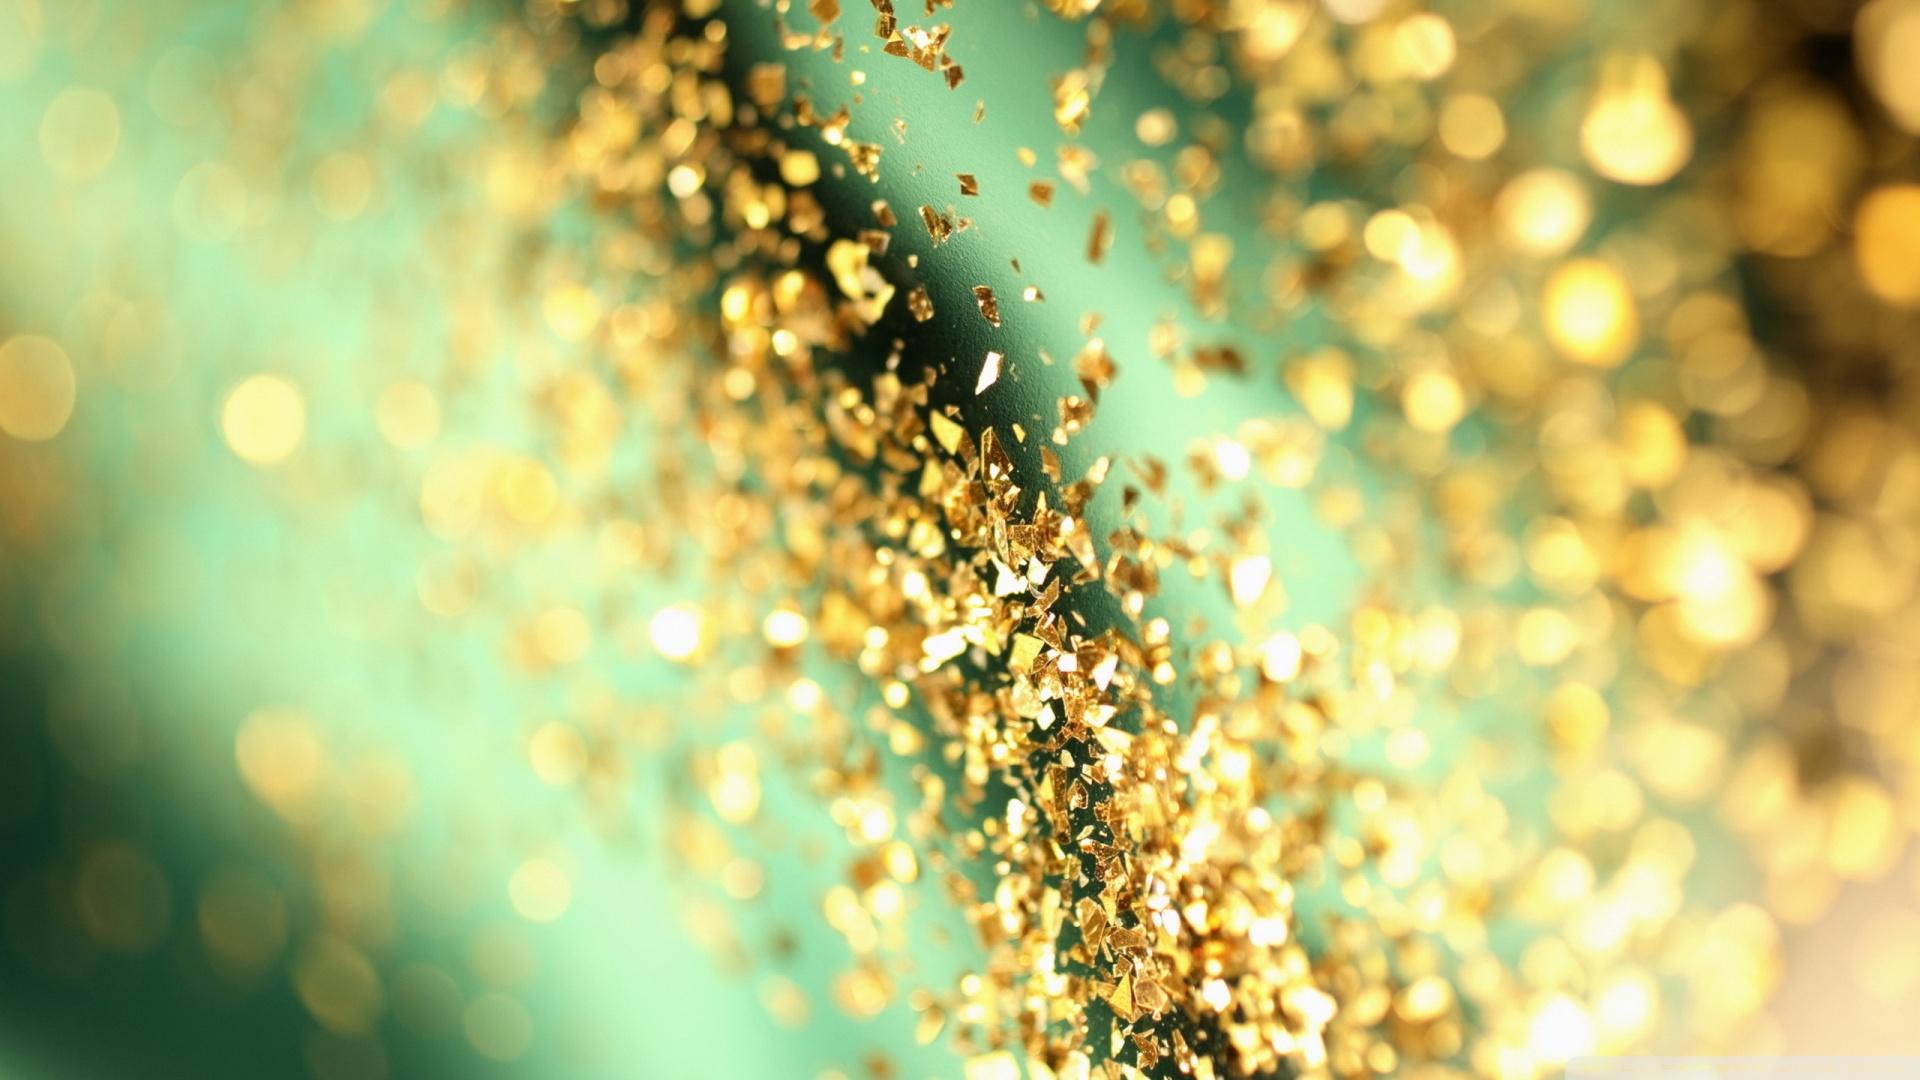 Graffiti 3d Wallpaper Hd Gold Glitter Wallpaper For Desktop Pixelstalk Net